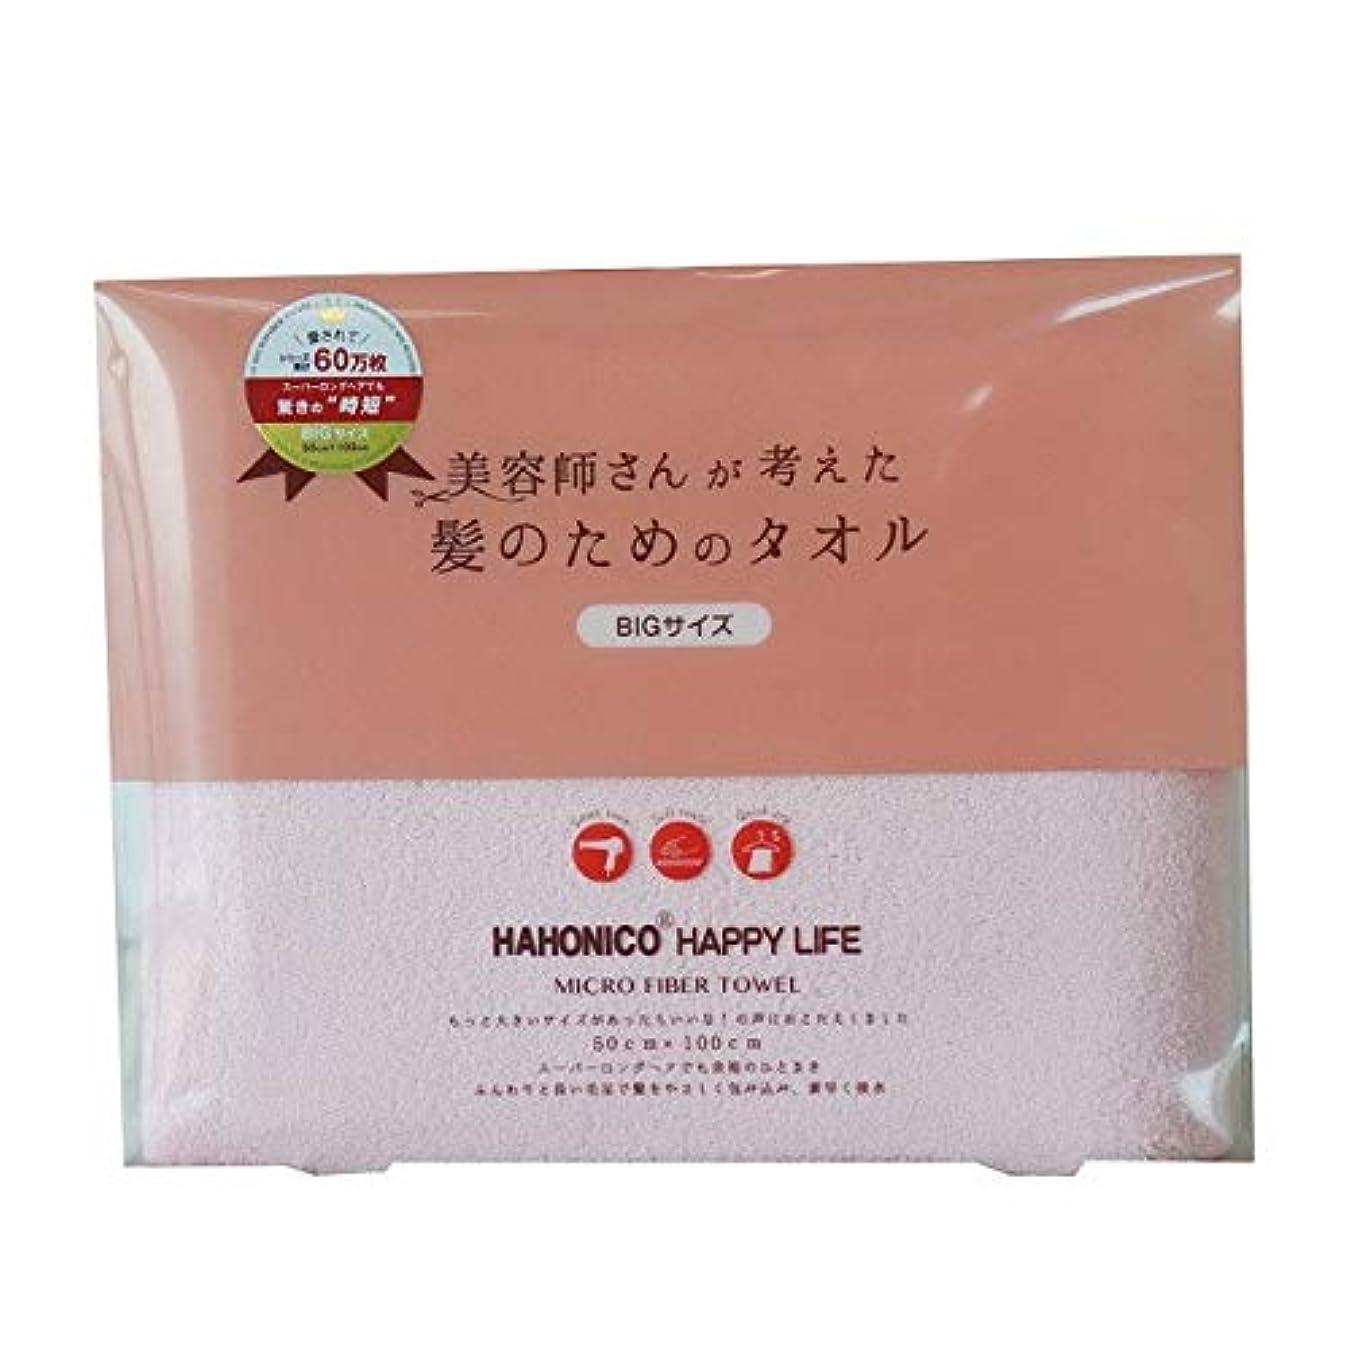 相互接続必要条件韓国ハホニコ ヘアドライマイクロファイバータオル ビッグサイズ ピンク